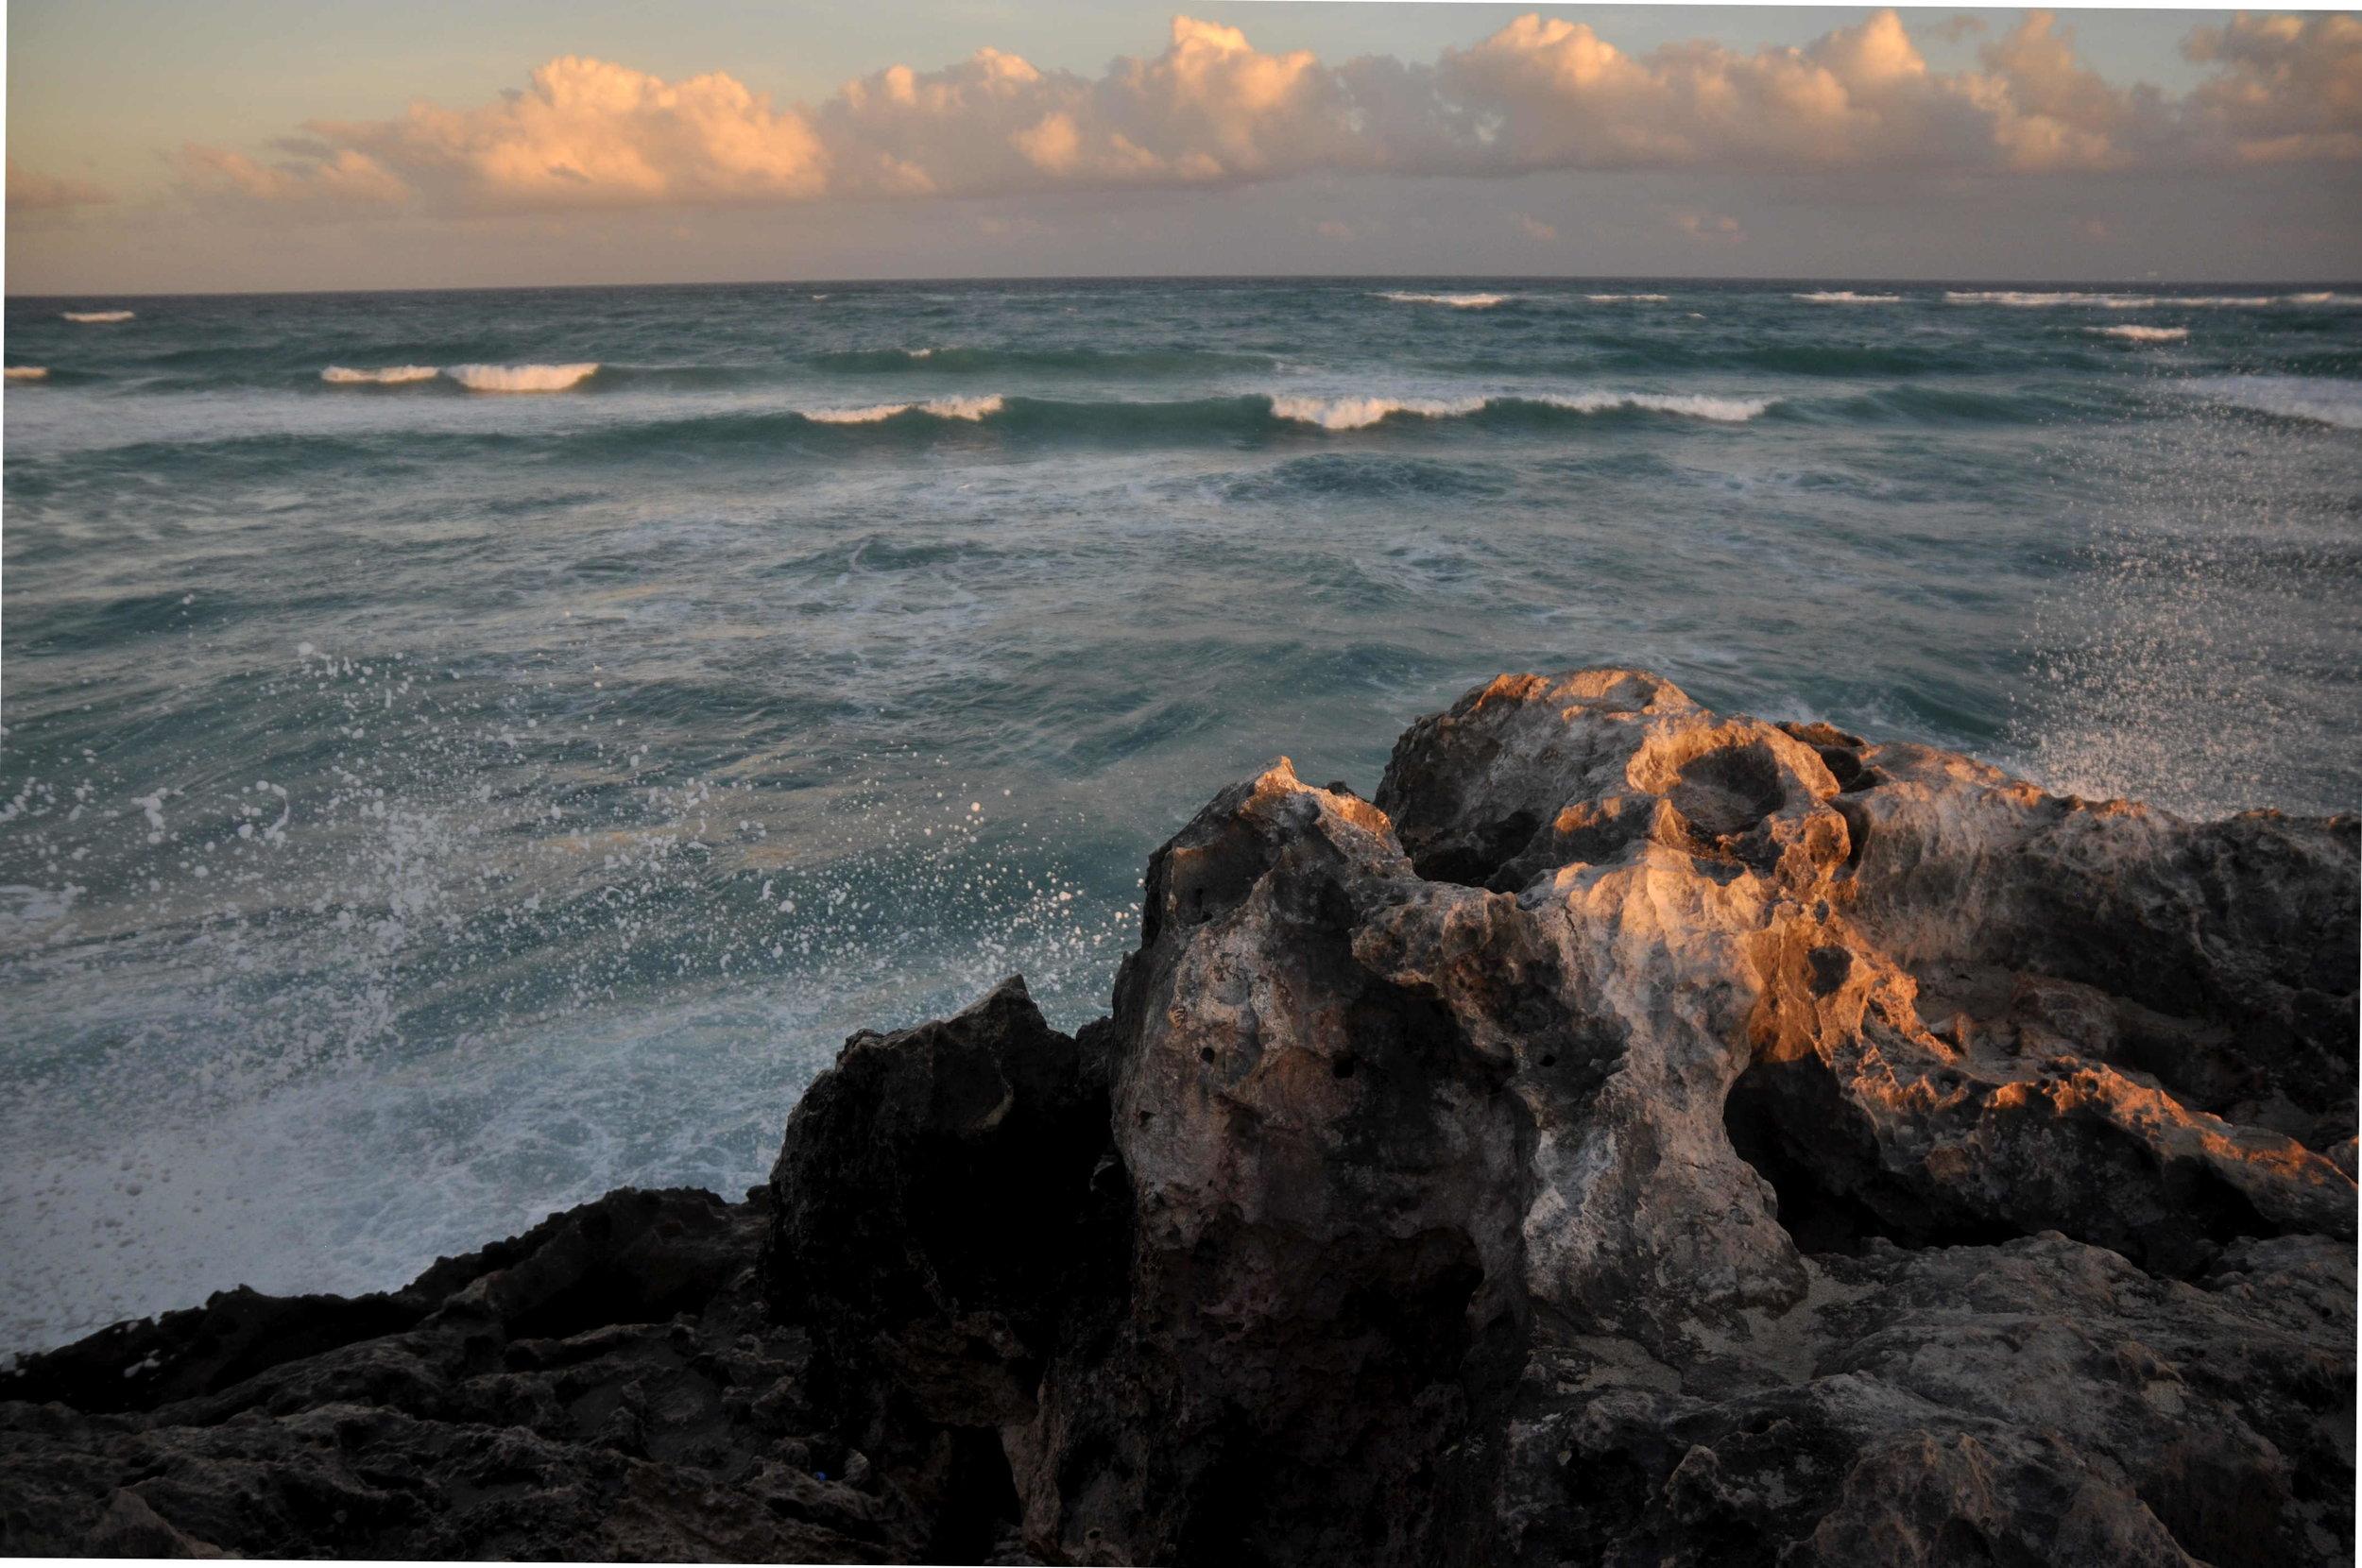 The ocean is healing